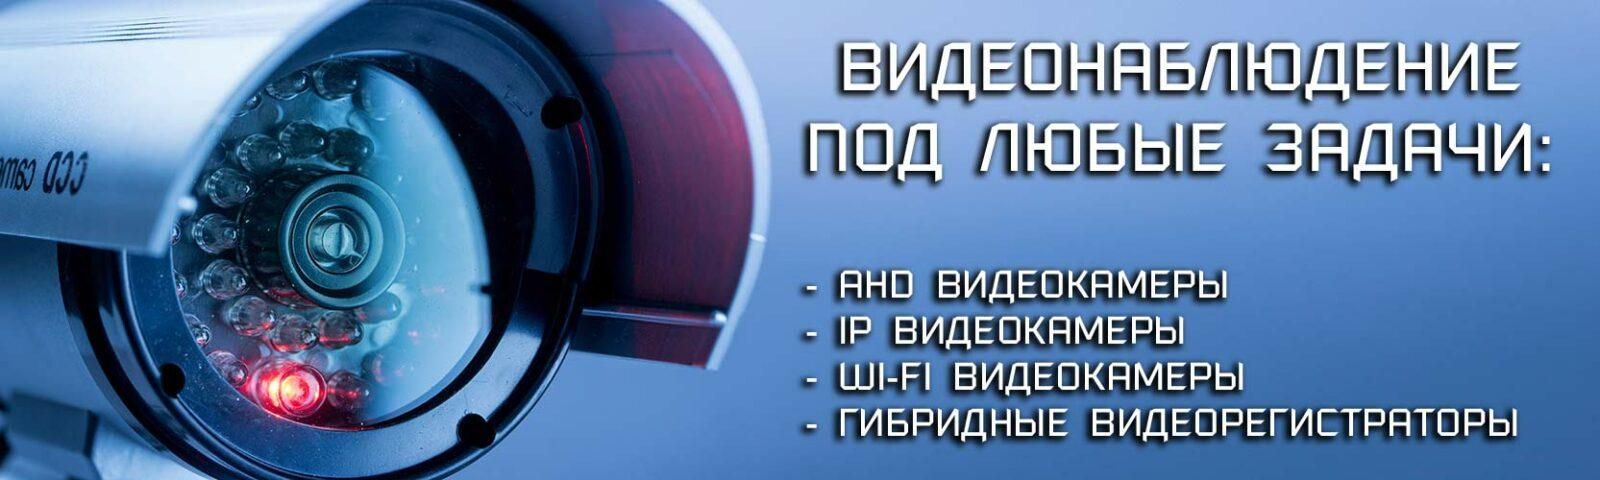 Стоимость установки видеонаблюдения в Чите